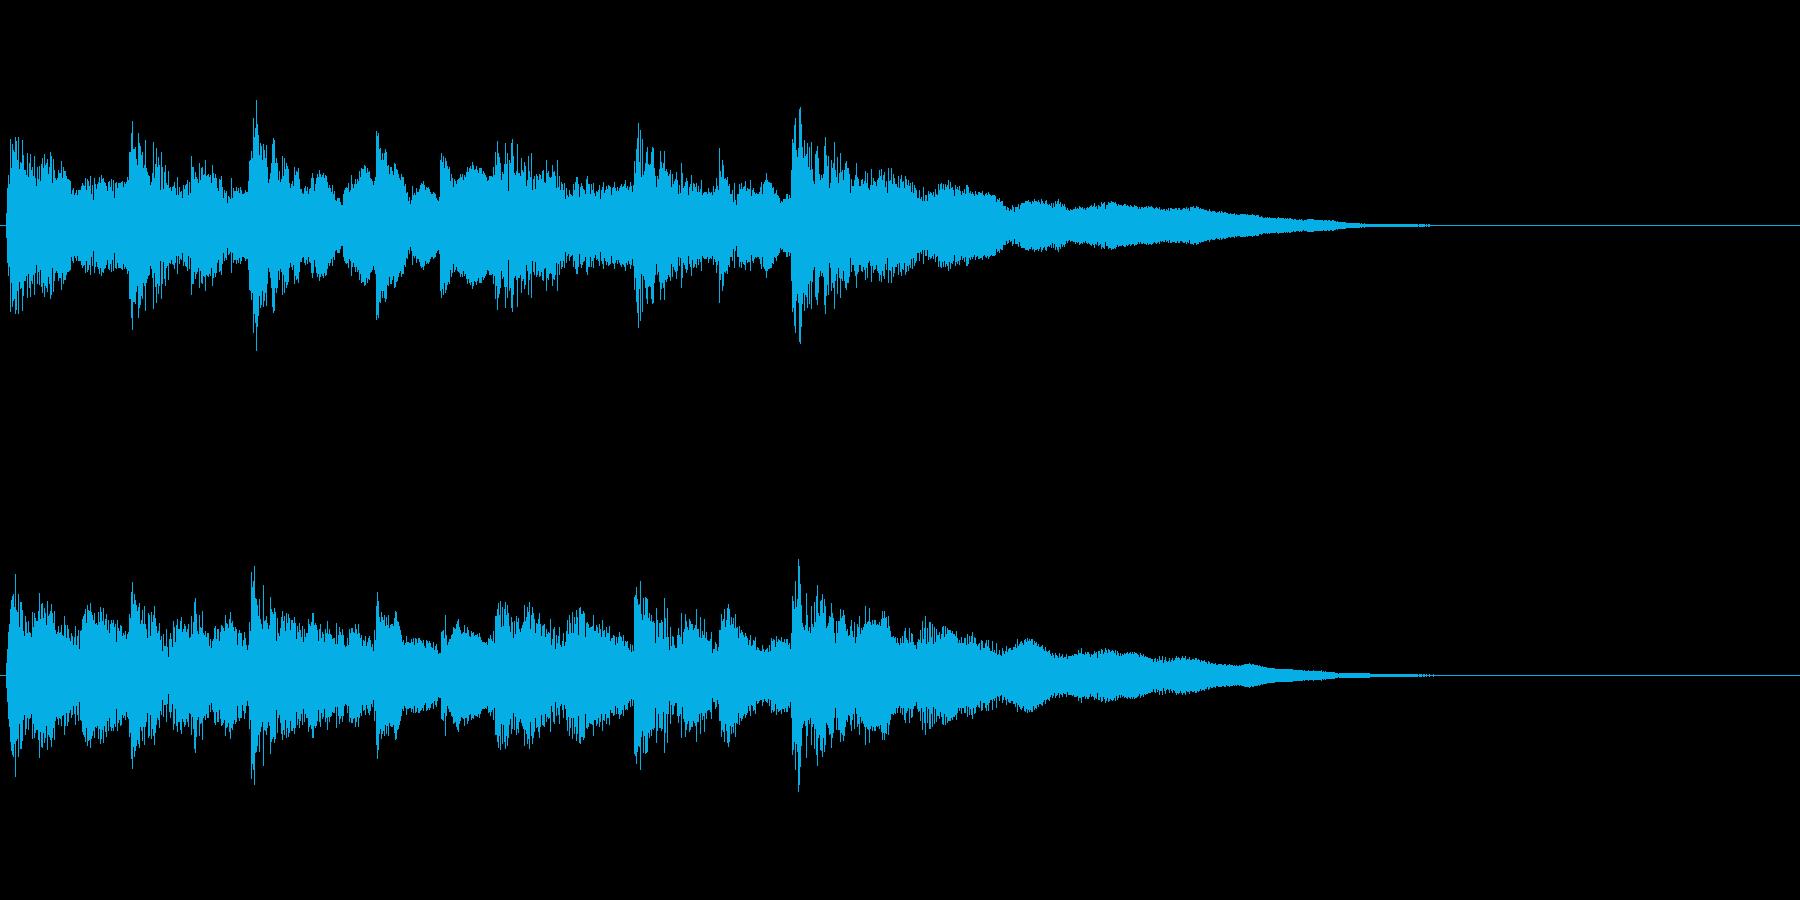 和風ジングル:民謡風しゃみせんの再生済みの波形